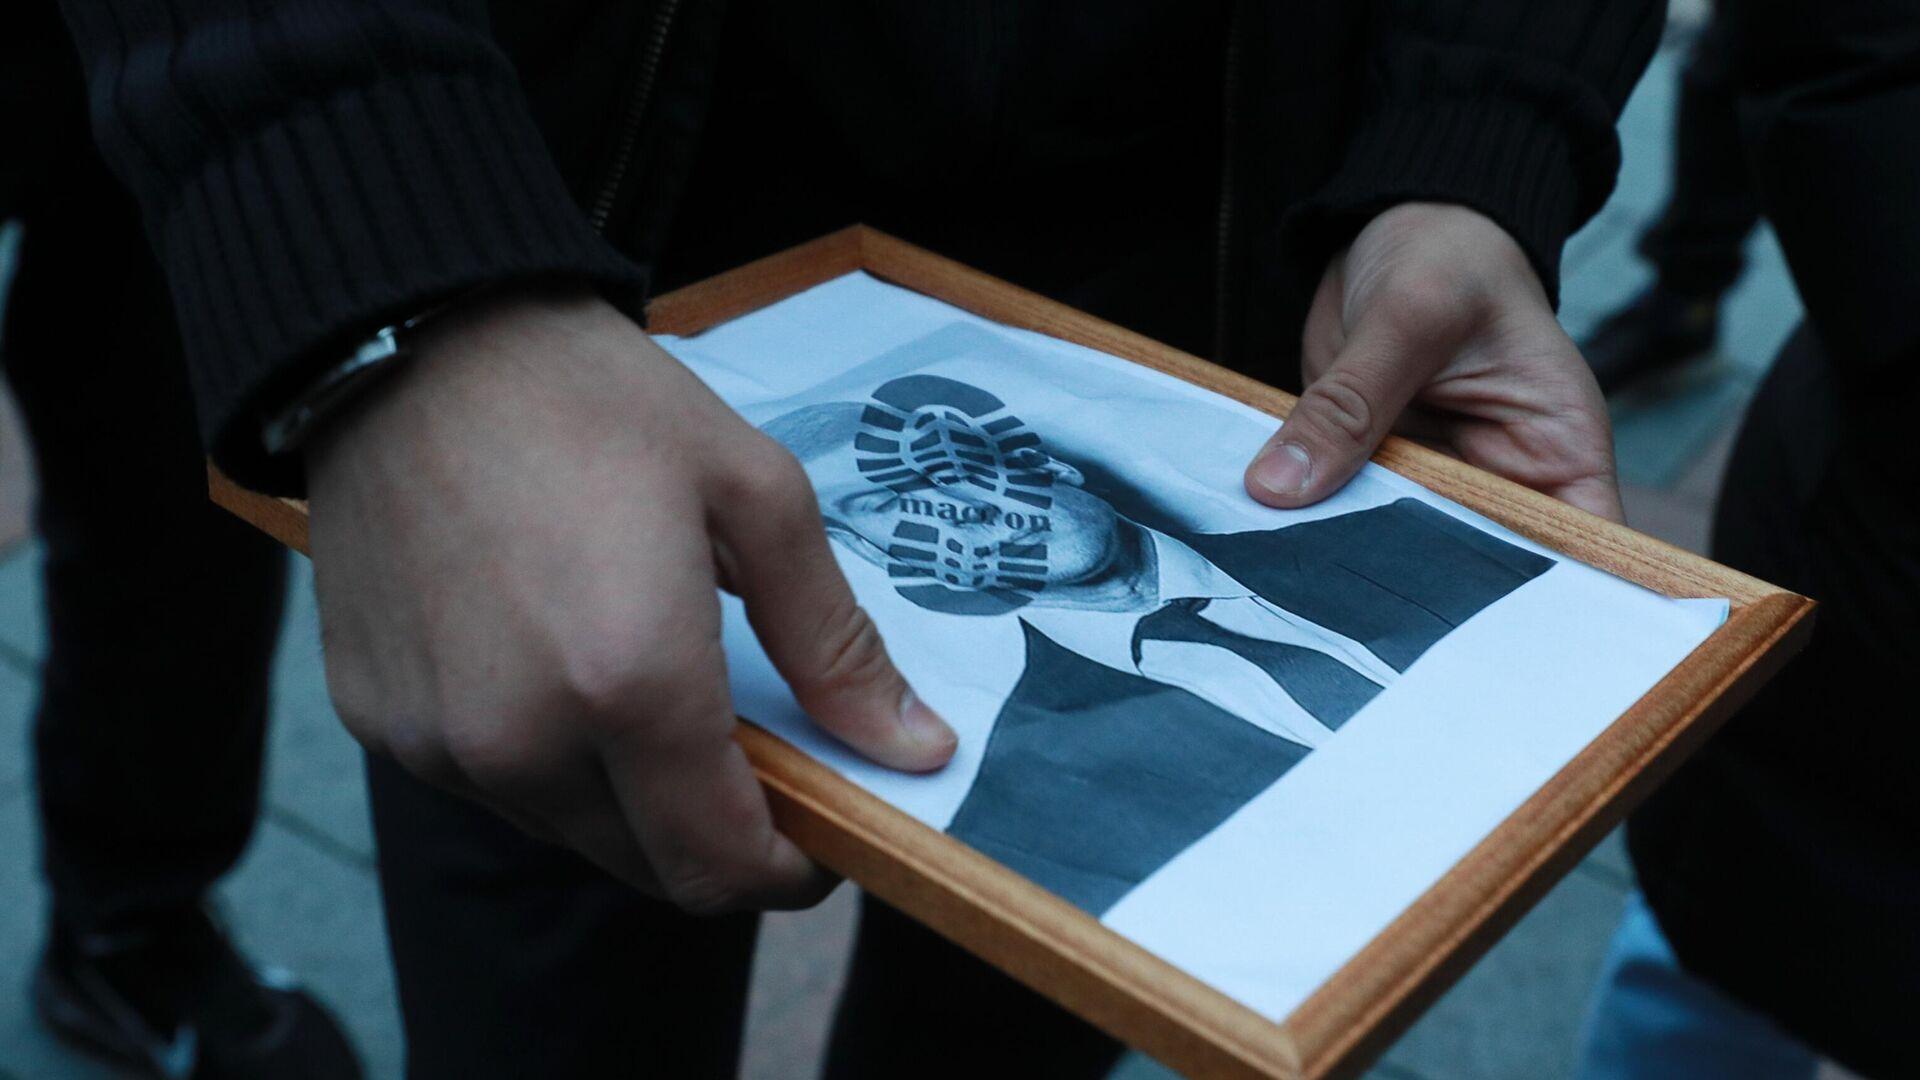 Участники акции протеста против политики президента Франции Эммануэля Макрона около посольства Франции в Москве - РИА Новости, 1920, 28.09.2021